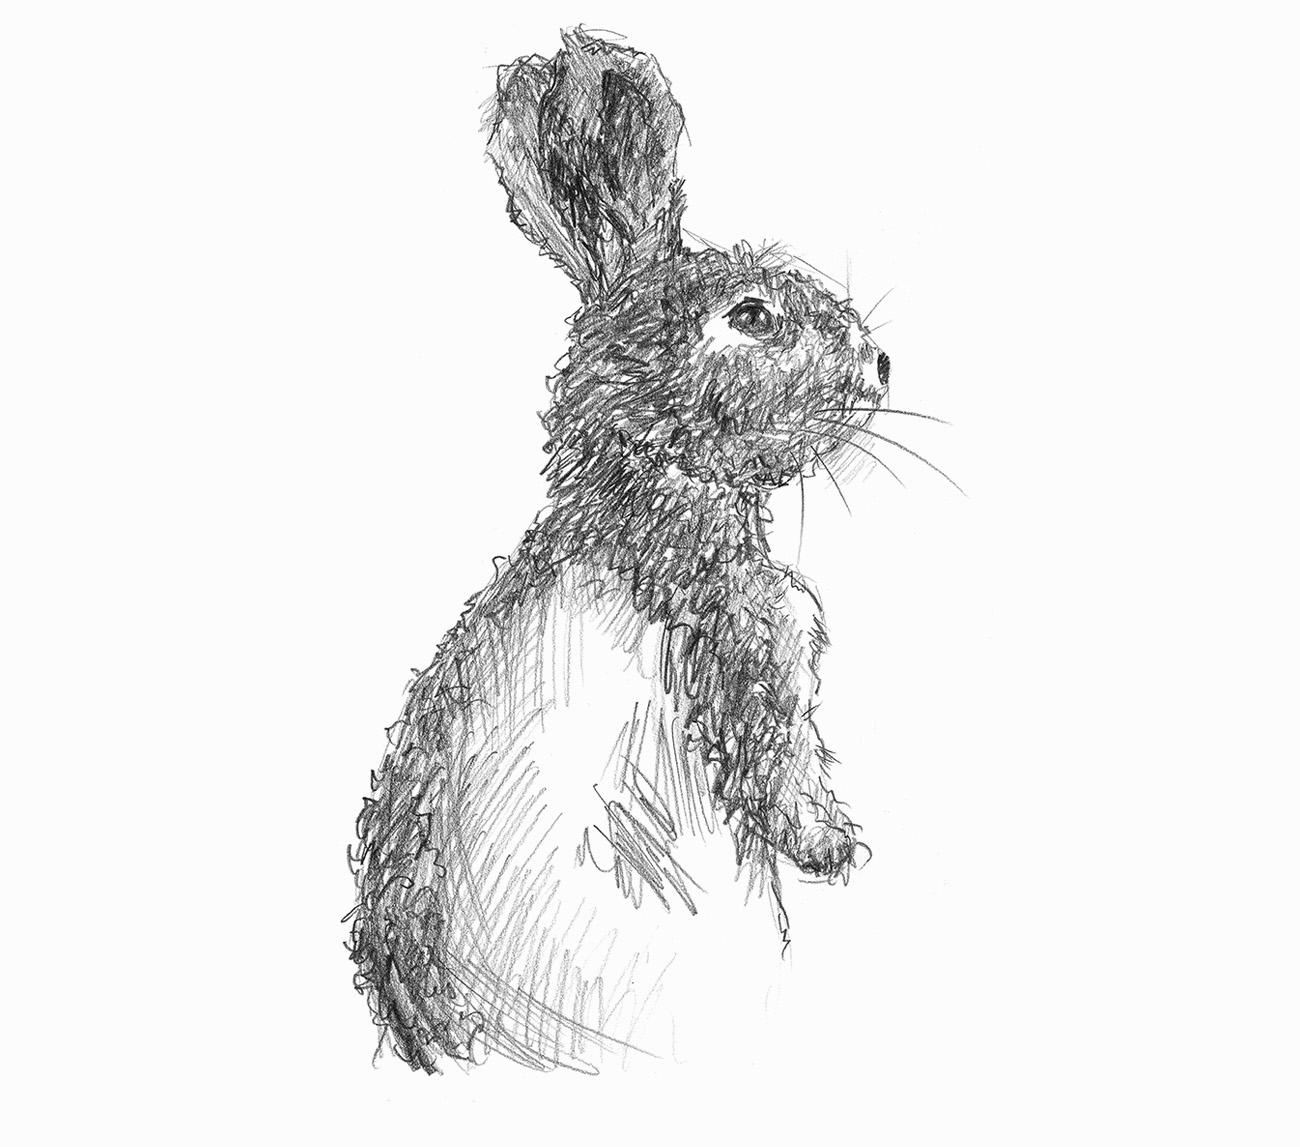 Skizze eines Hasen mit aufgestellten Ohren